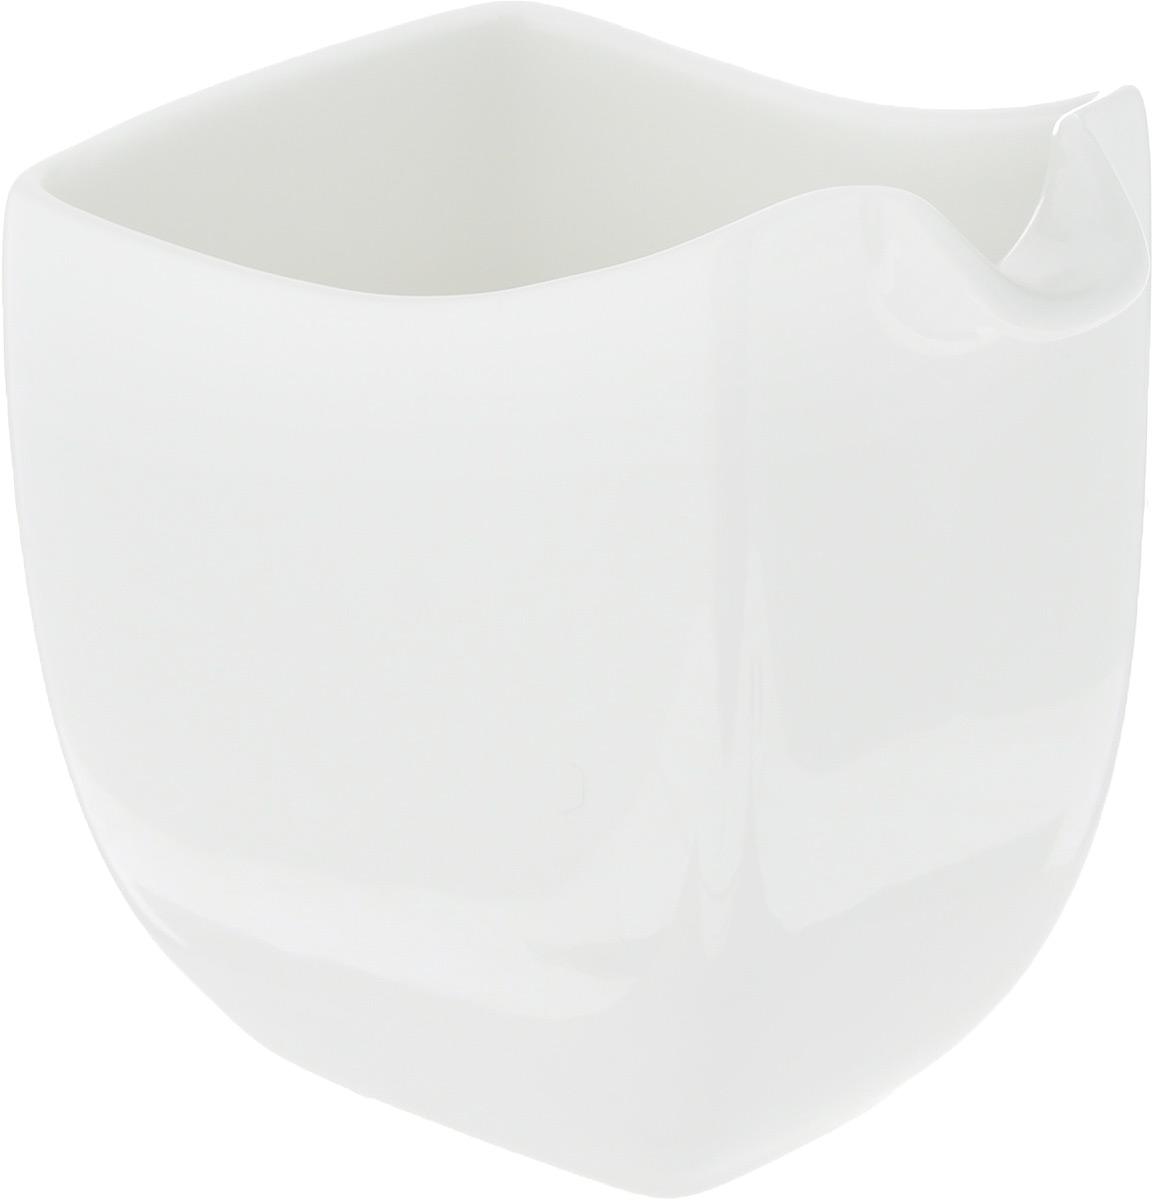 Молочник Ariane Rectangle, 150 млAVRARN64015Элегантный молочник Ariane Rectangle, выполненный из высококачественного фарфора с глазурованным покрытием, предназначен для подачи сливок, соуса и молока. Изящный, но в то же время простой дизайн молочника, станет прекрасным украшением стола. Можно мыть в посудомоечной машине и использовать в микроволновой печи. Размер молочника (по верхнему краю): 5,5 х 8 см. Высота молочника: 9 см.